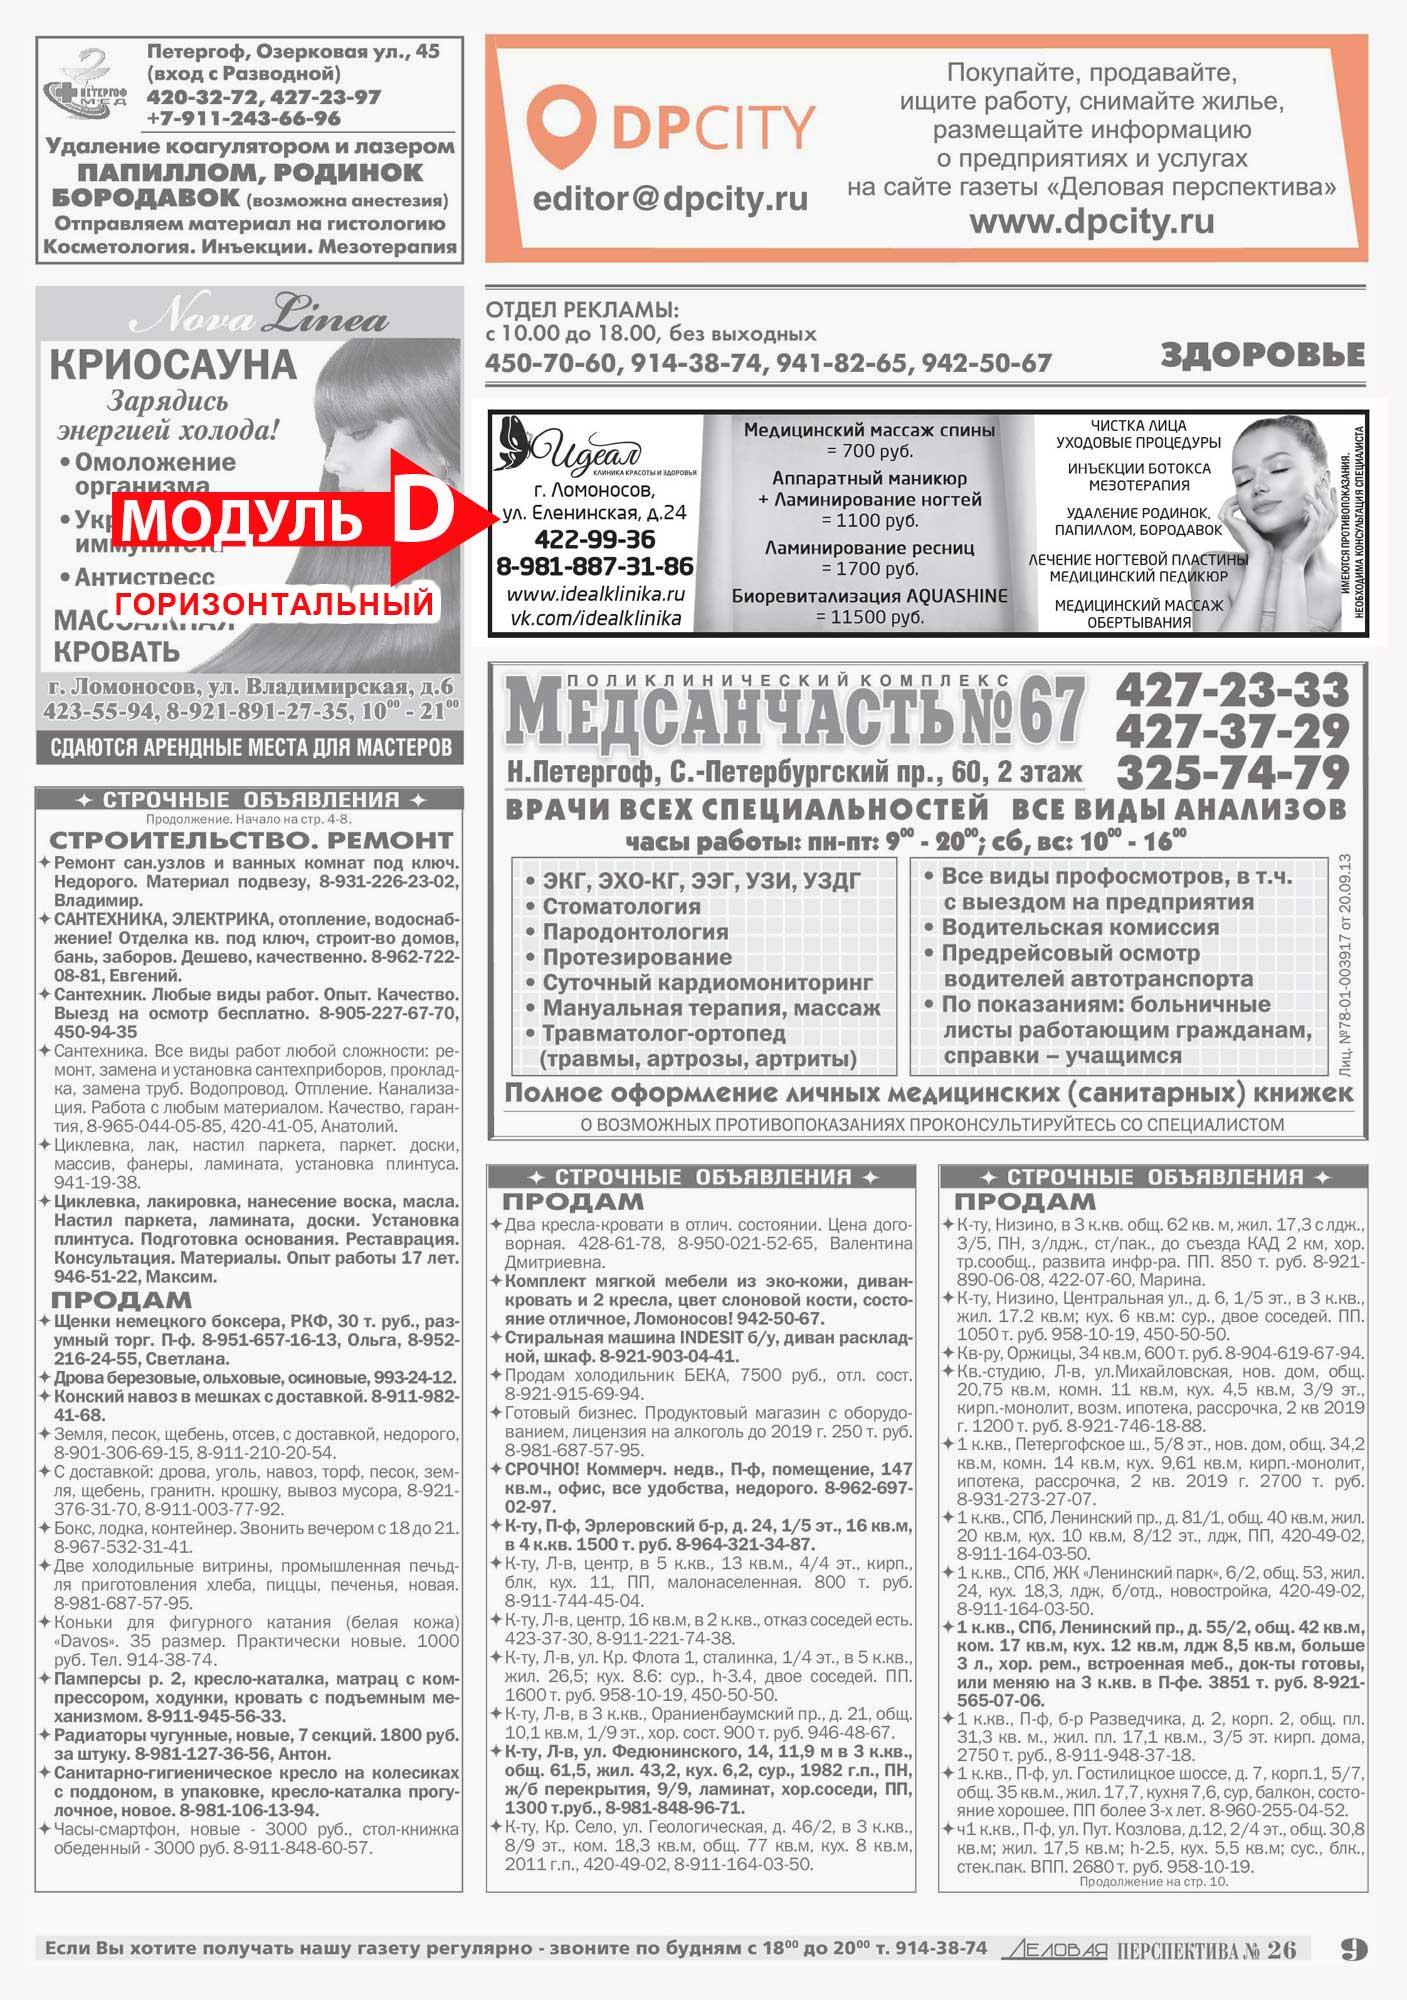 Дать объявление в газету перспектива доска объявлений юкоз москва